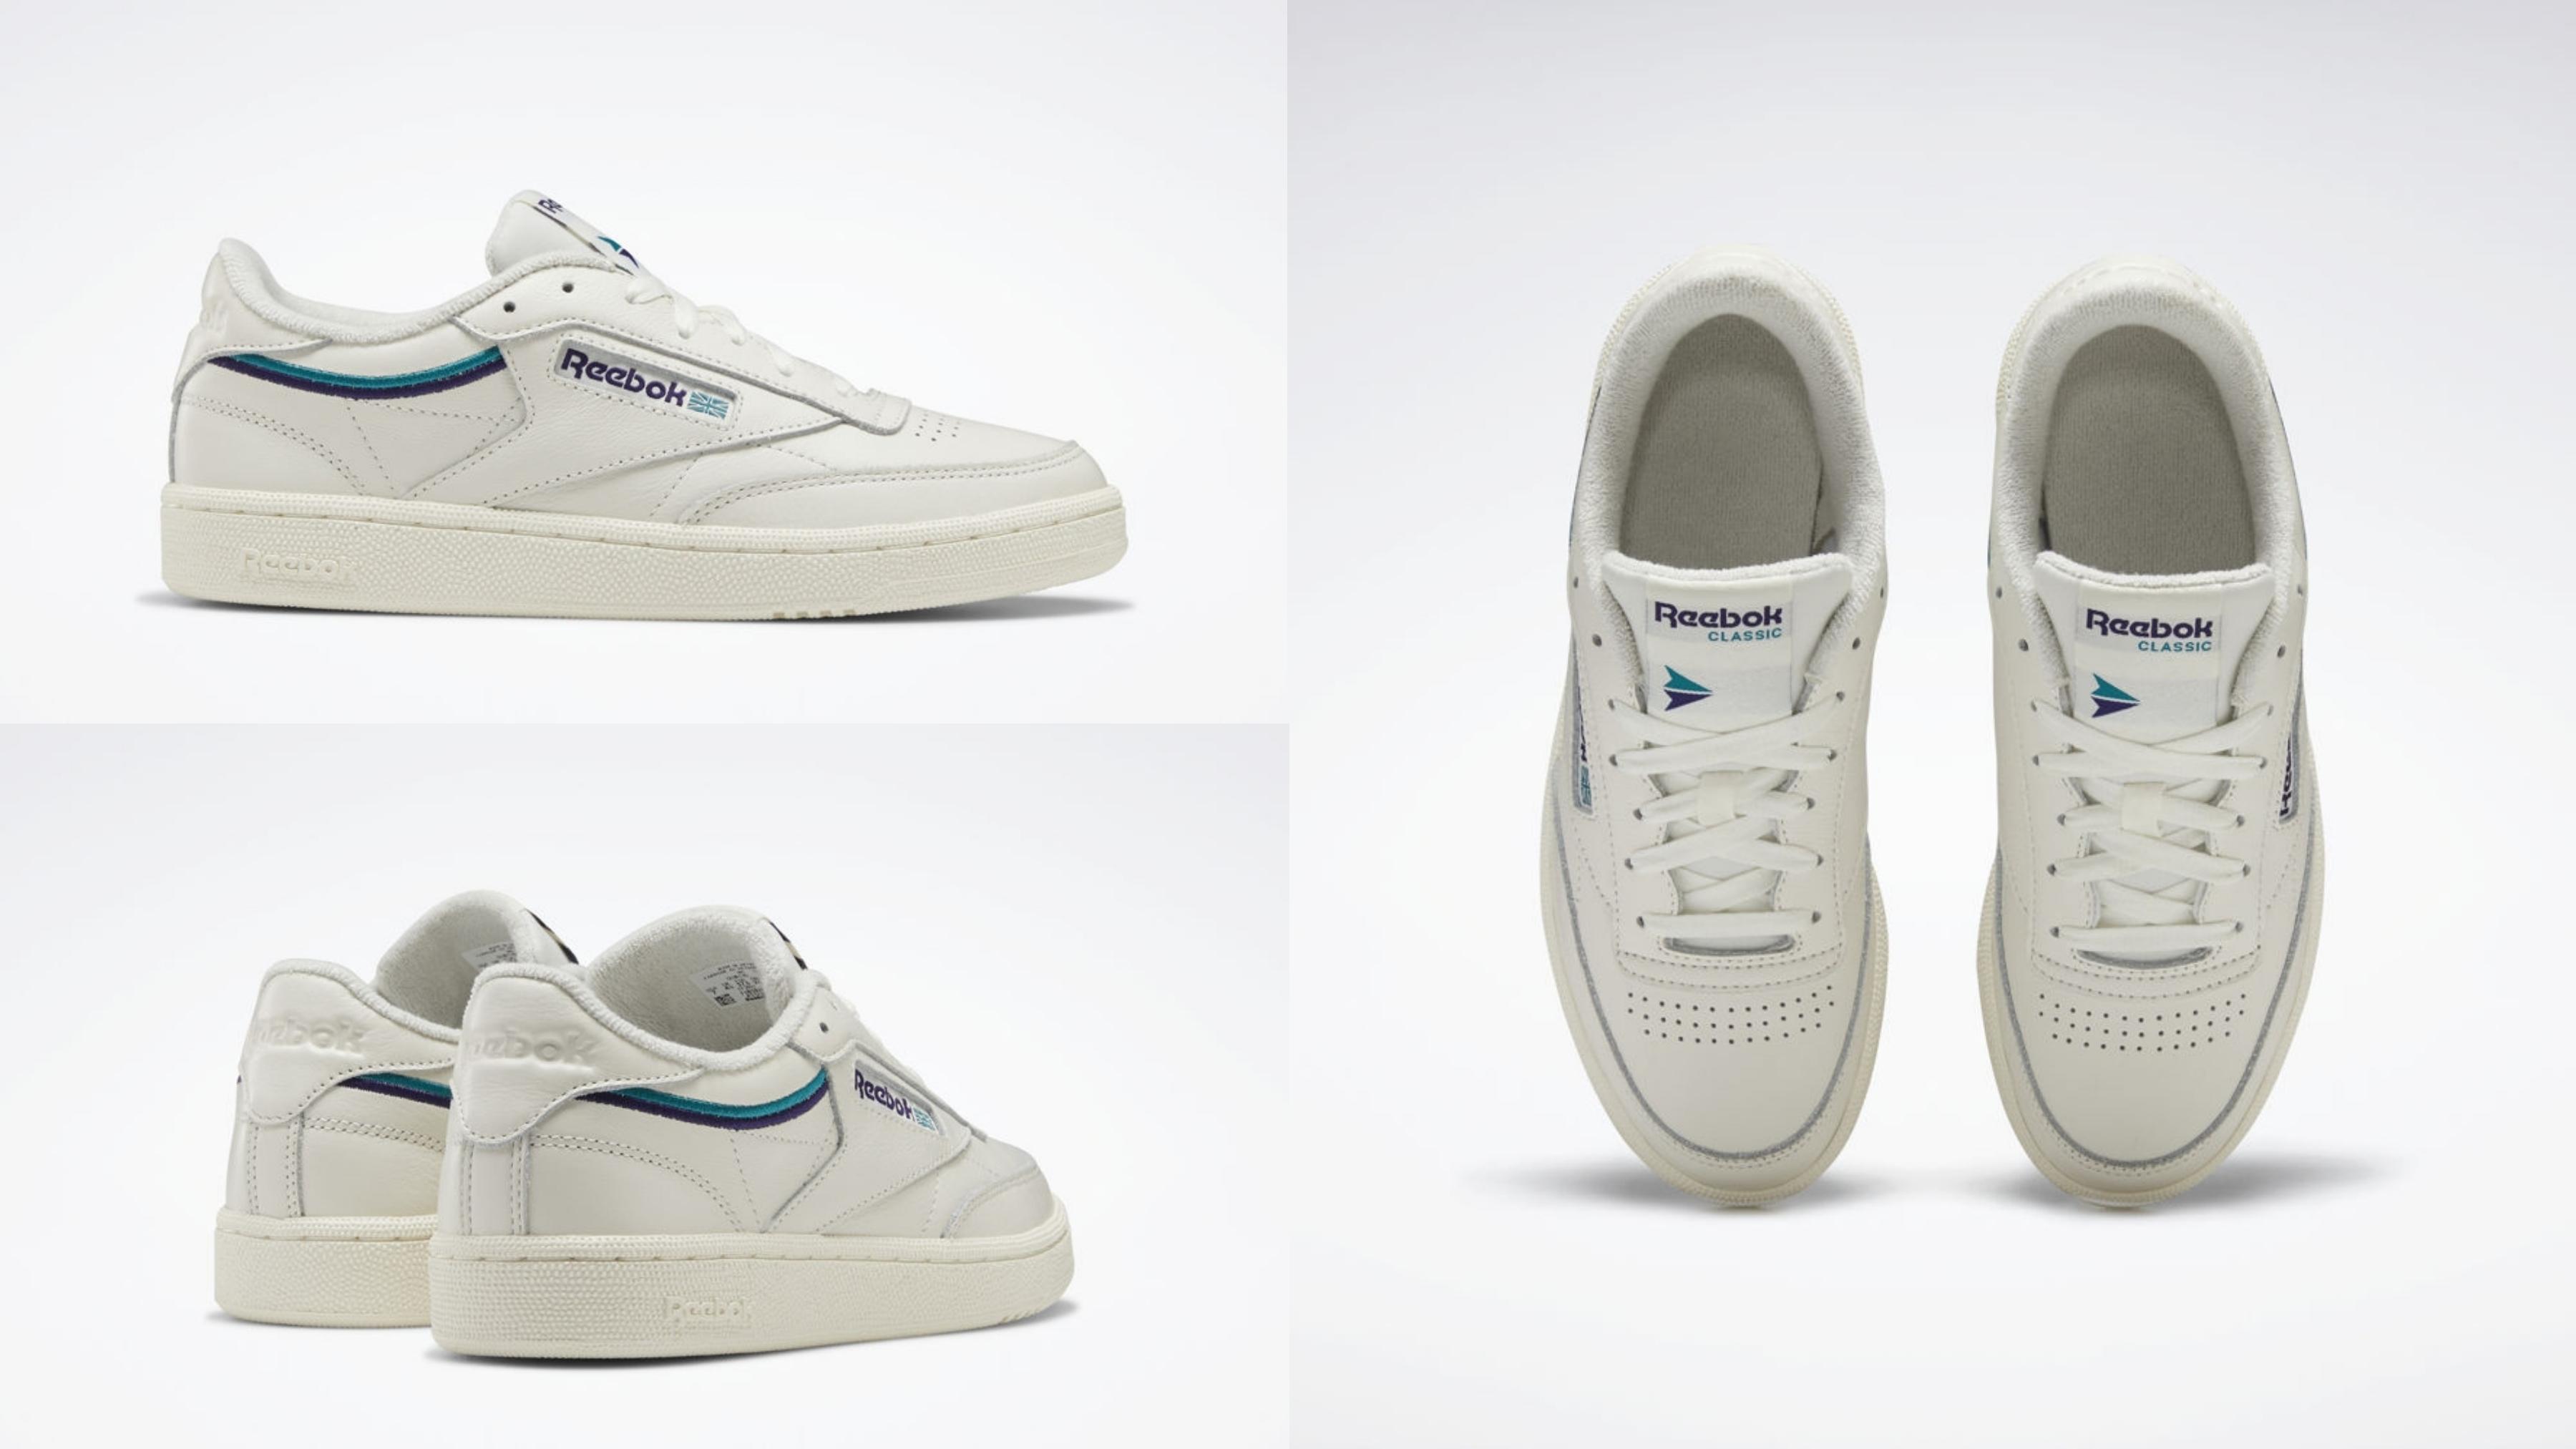 乾脆俐落的網球鞋設計,經典鞋採用塗層皮革鞋面,飾有 Reebok 健身配色刺繡滾邊。